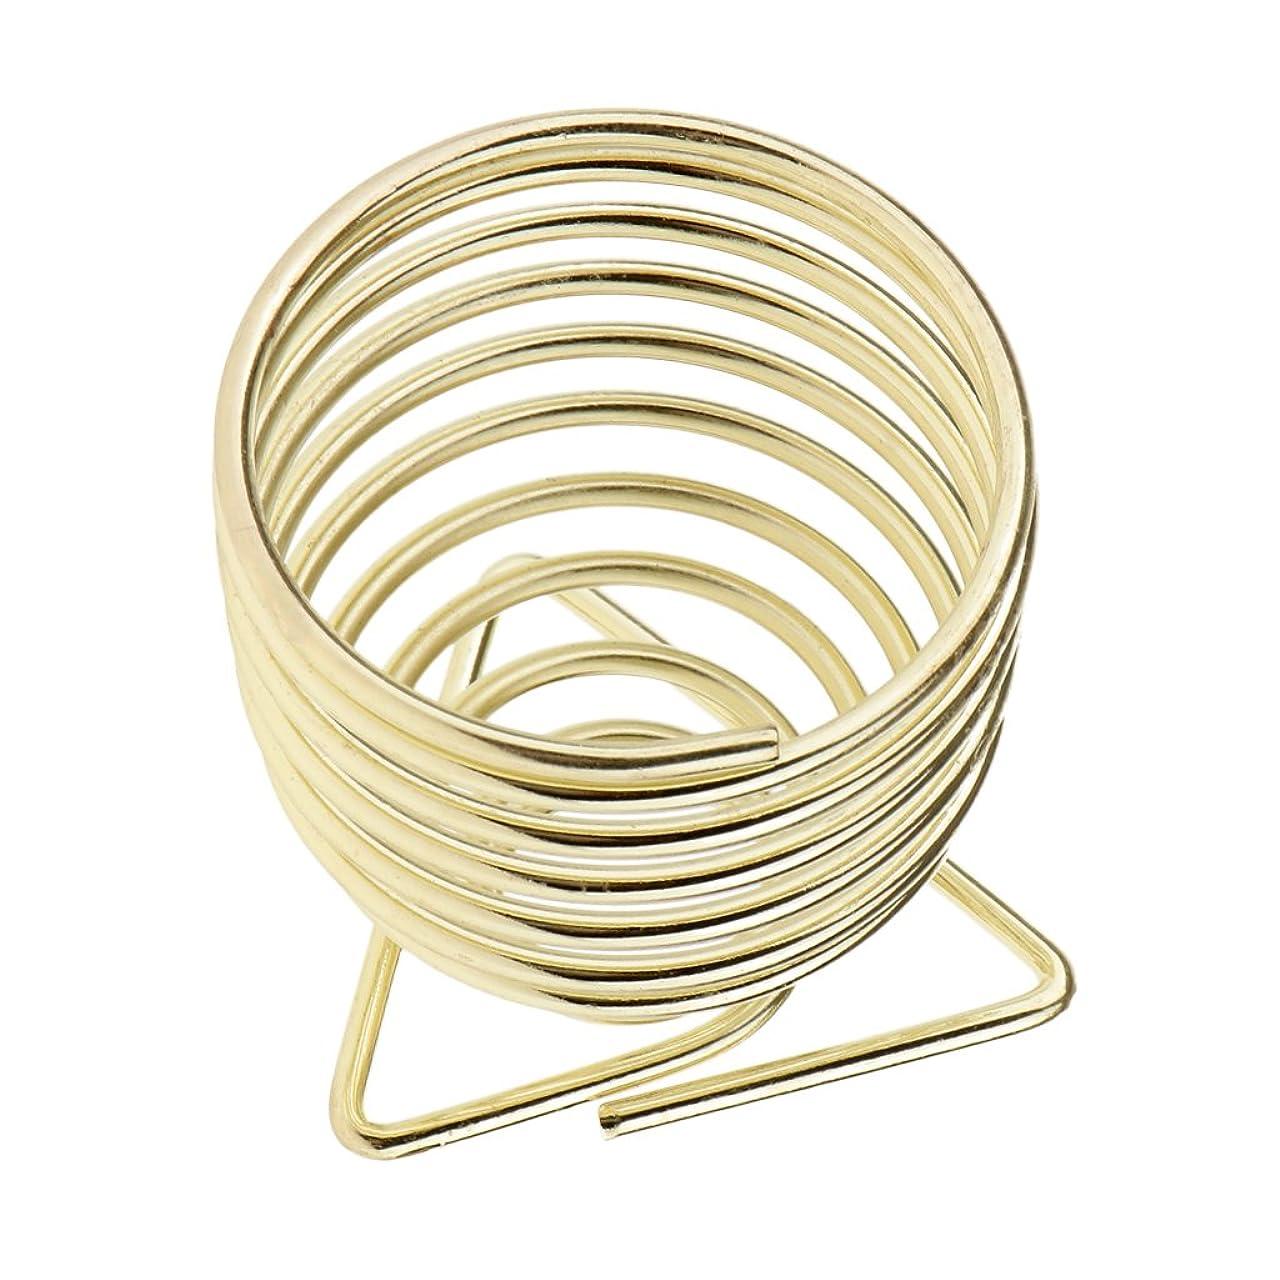 生き物ひねくれた気絶させるSharplace スポンジスタンド 化粧用スポンジ置き パフスタンド 乾燥 全2色選択 - ゴールド